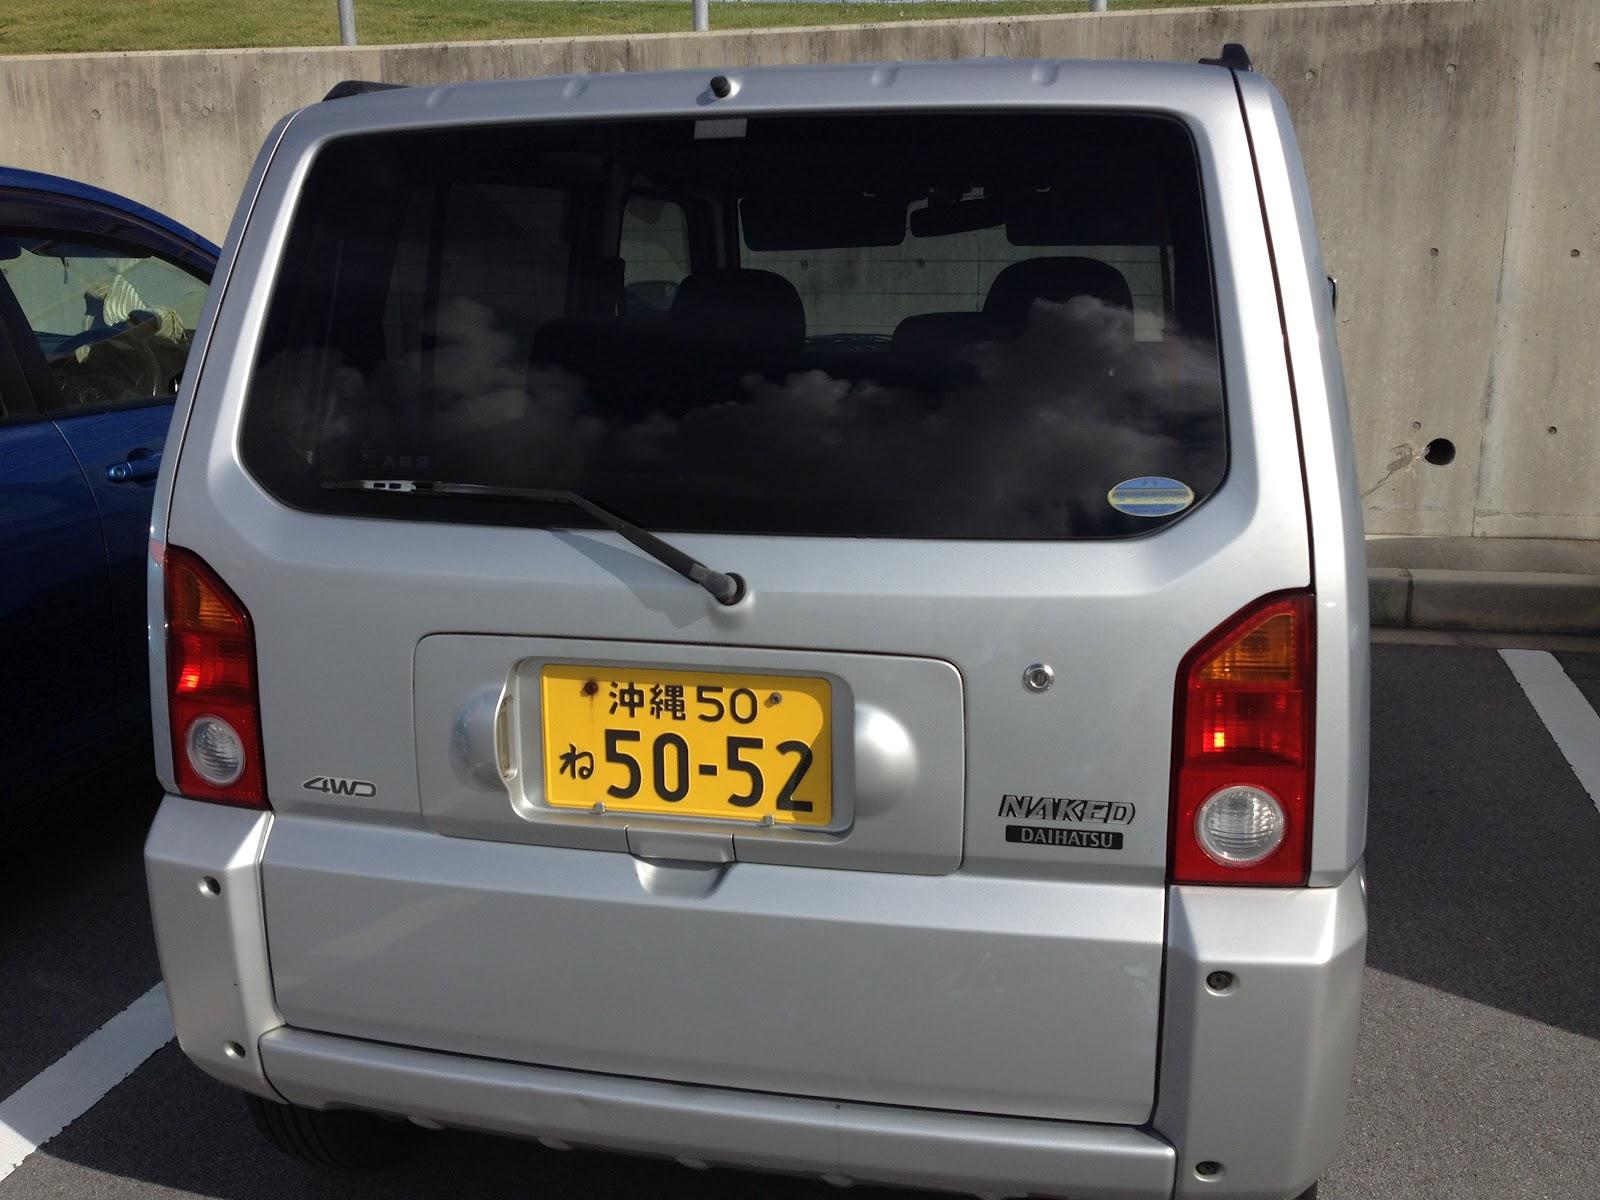 Wabi Sabi Karis: Weird Japanese Car Names